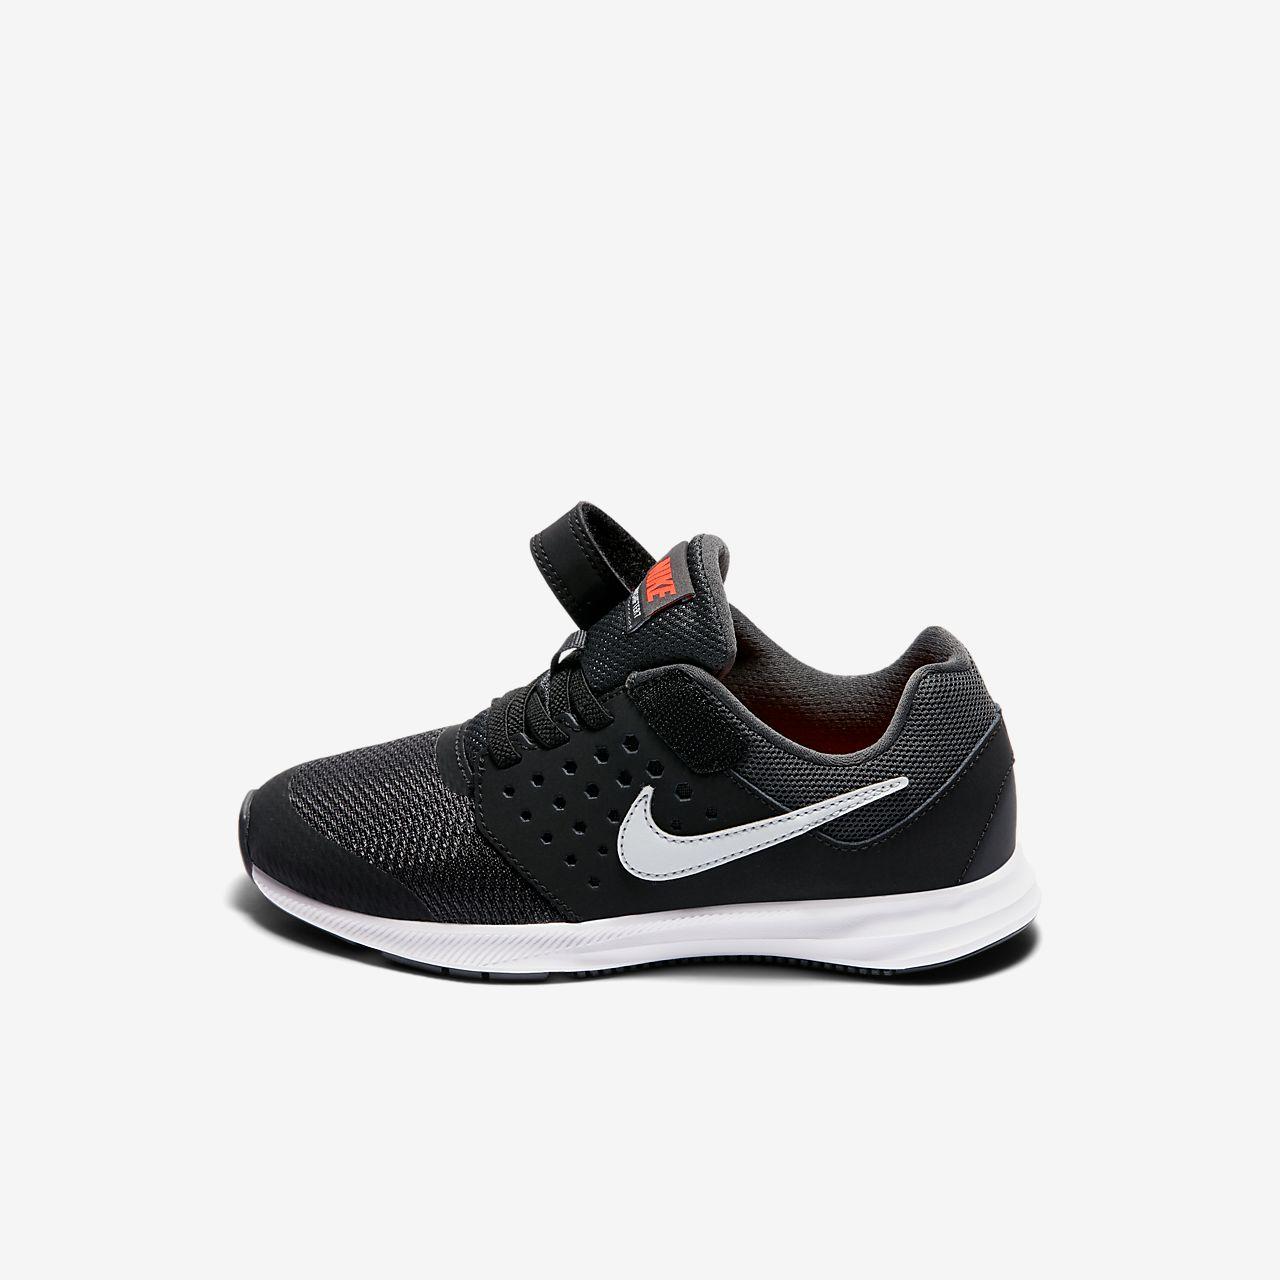 ... Nike Downshifter 7 Younger Kids' Running Shoe